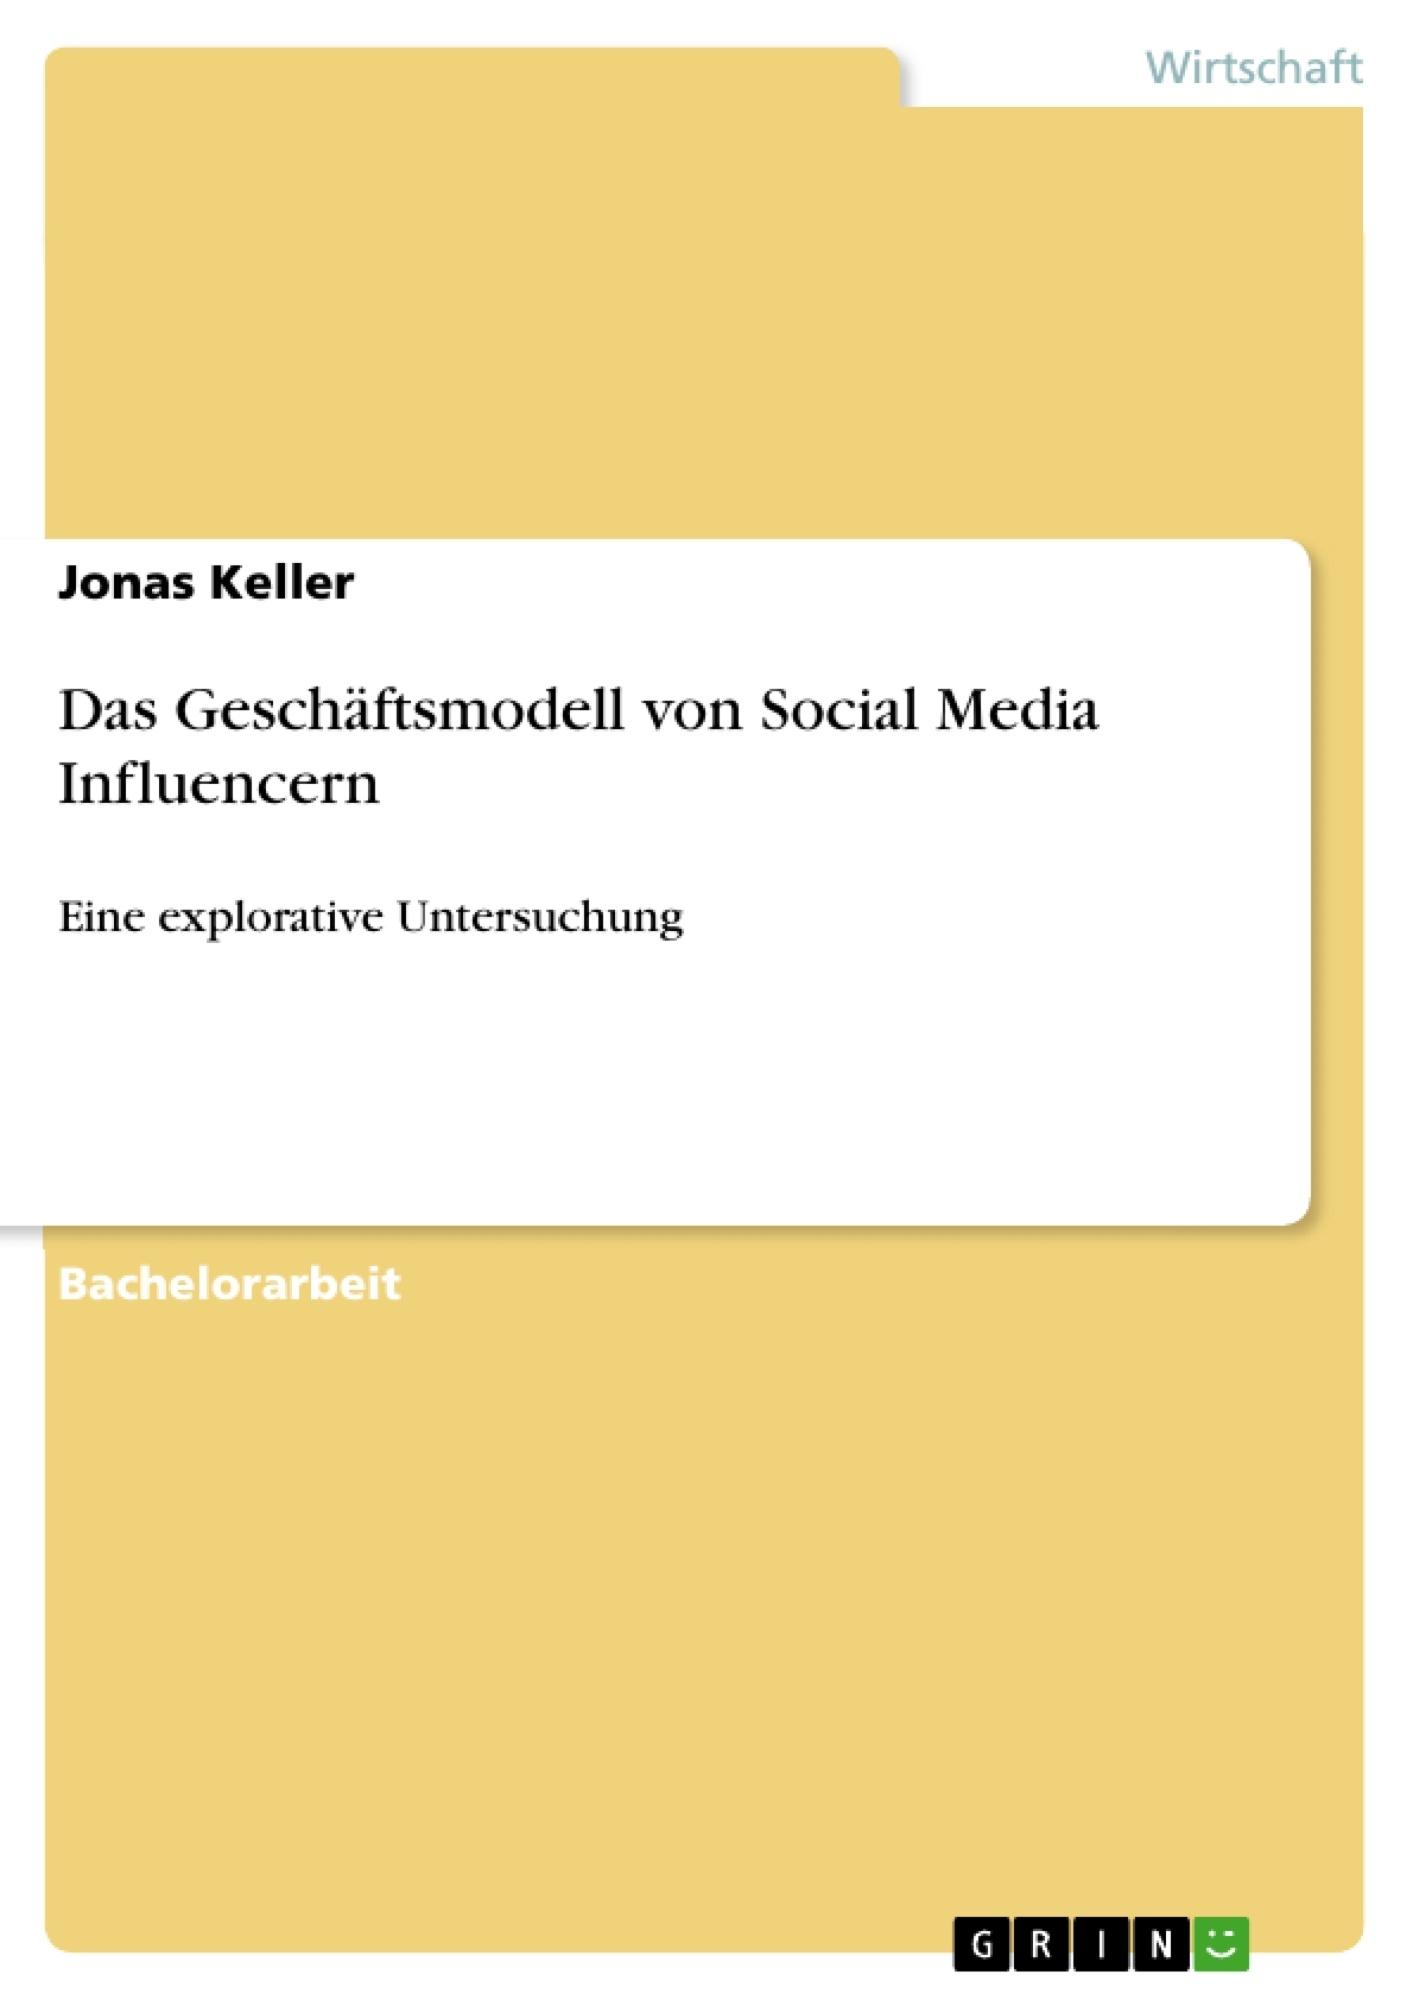 Titel: Das Geschäftsmodell von Social Media Influencern